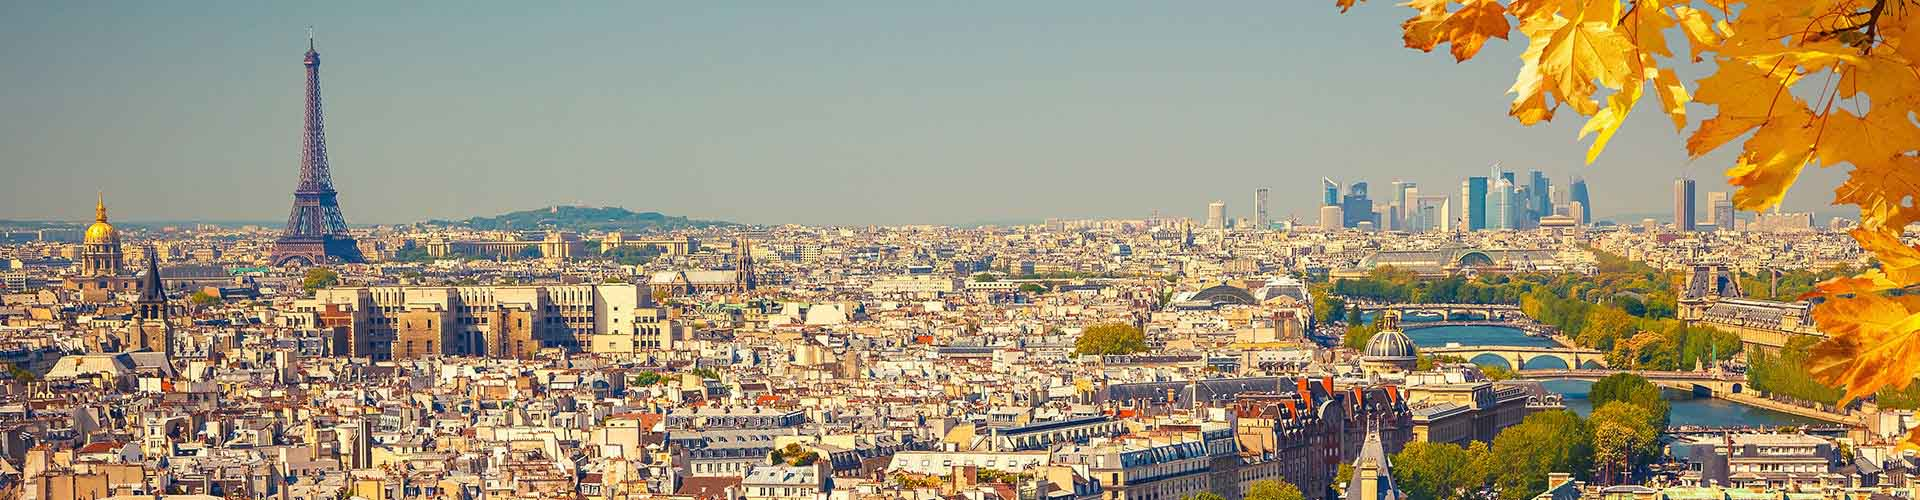 巴黎 – 15th District区的青年旅馆。巴黎 地图,巴黎 每间青年旅馆的照片和评分。